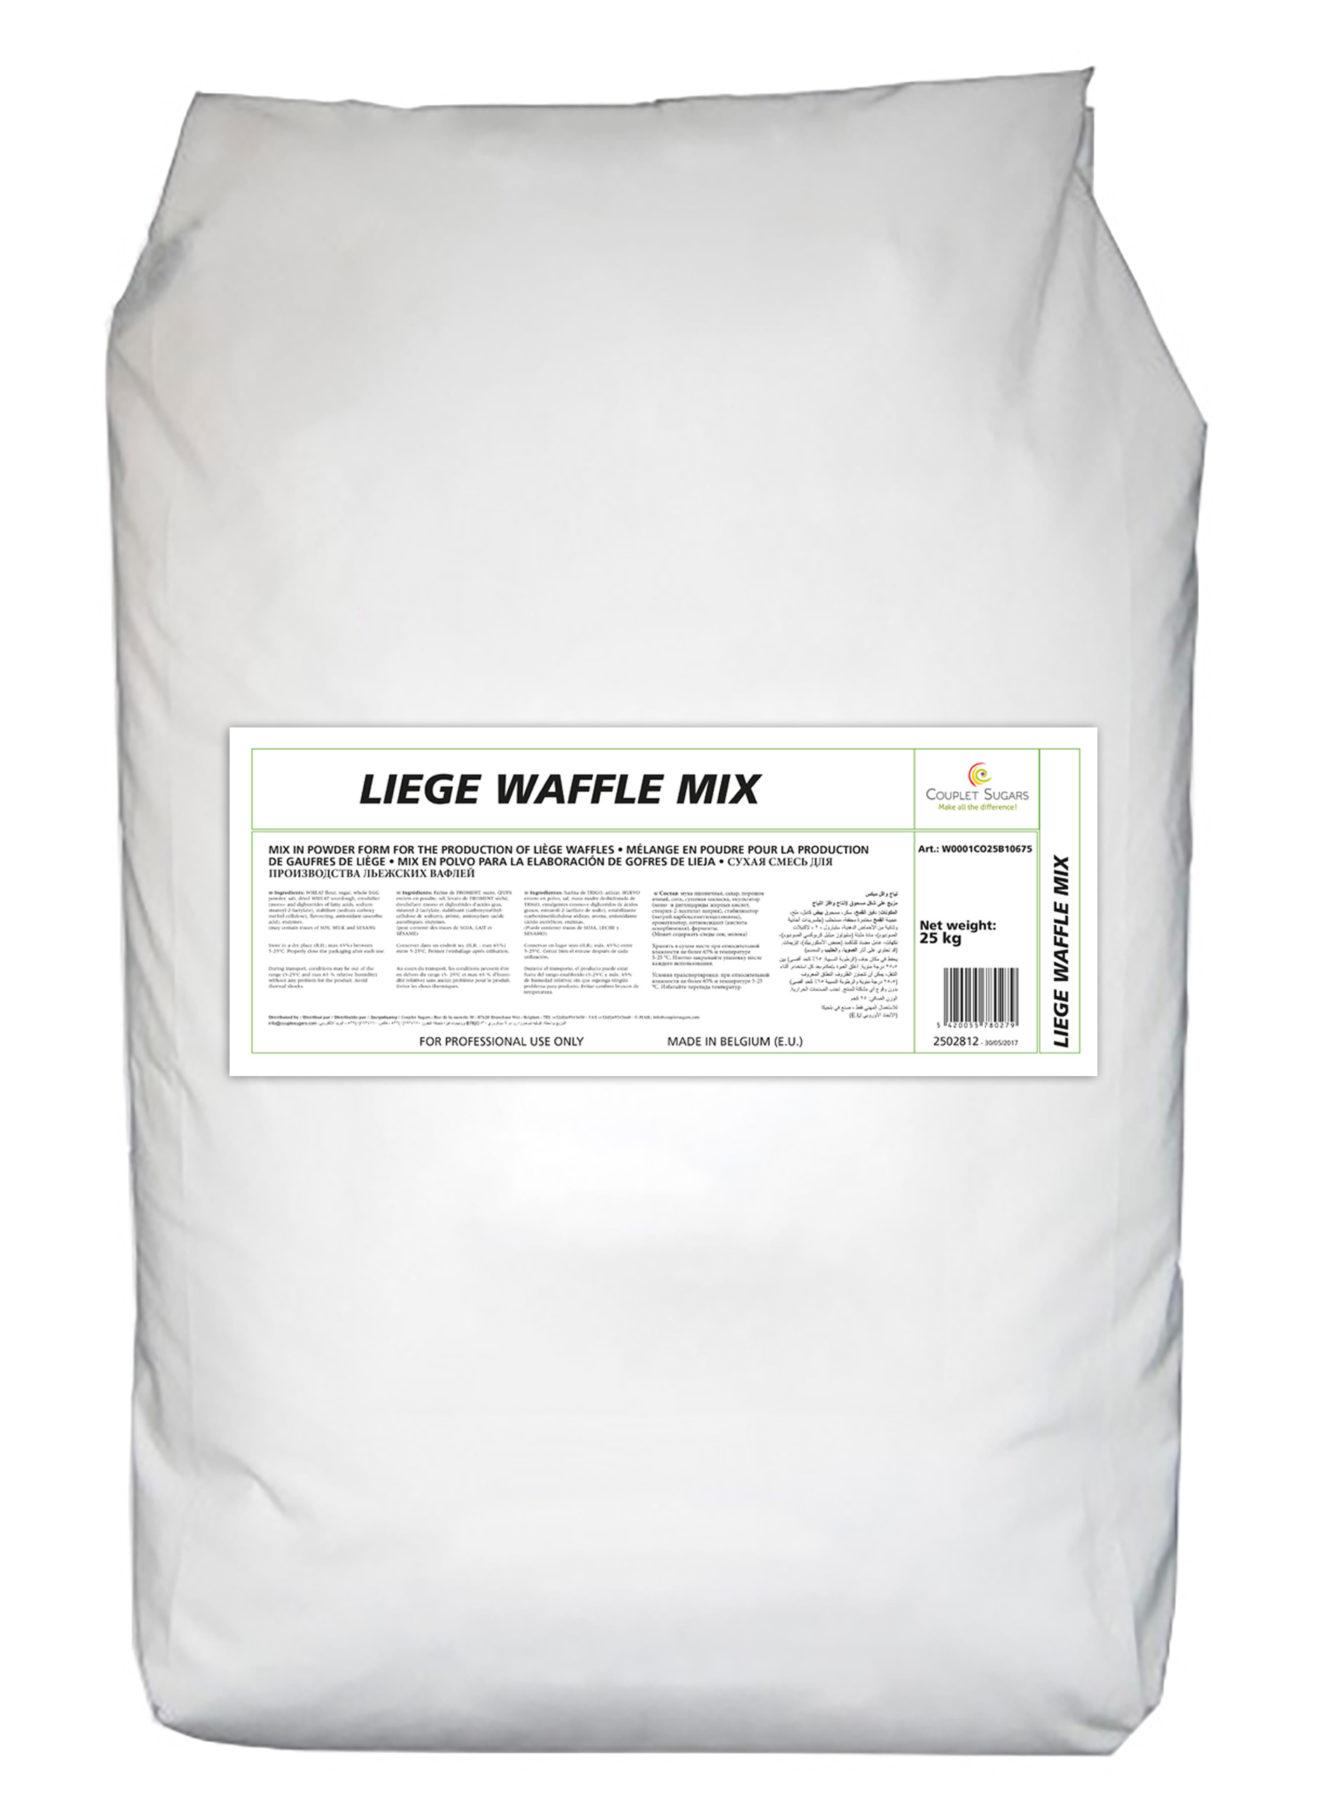 Couplet bag of 25kg Liège Waffle Mix